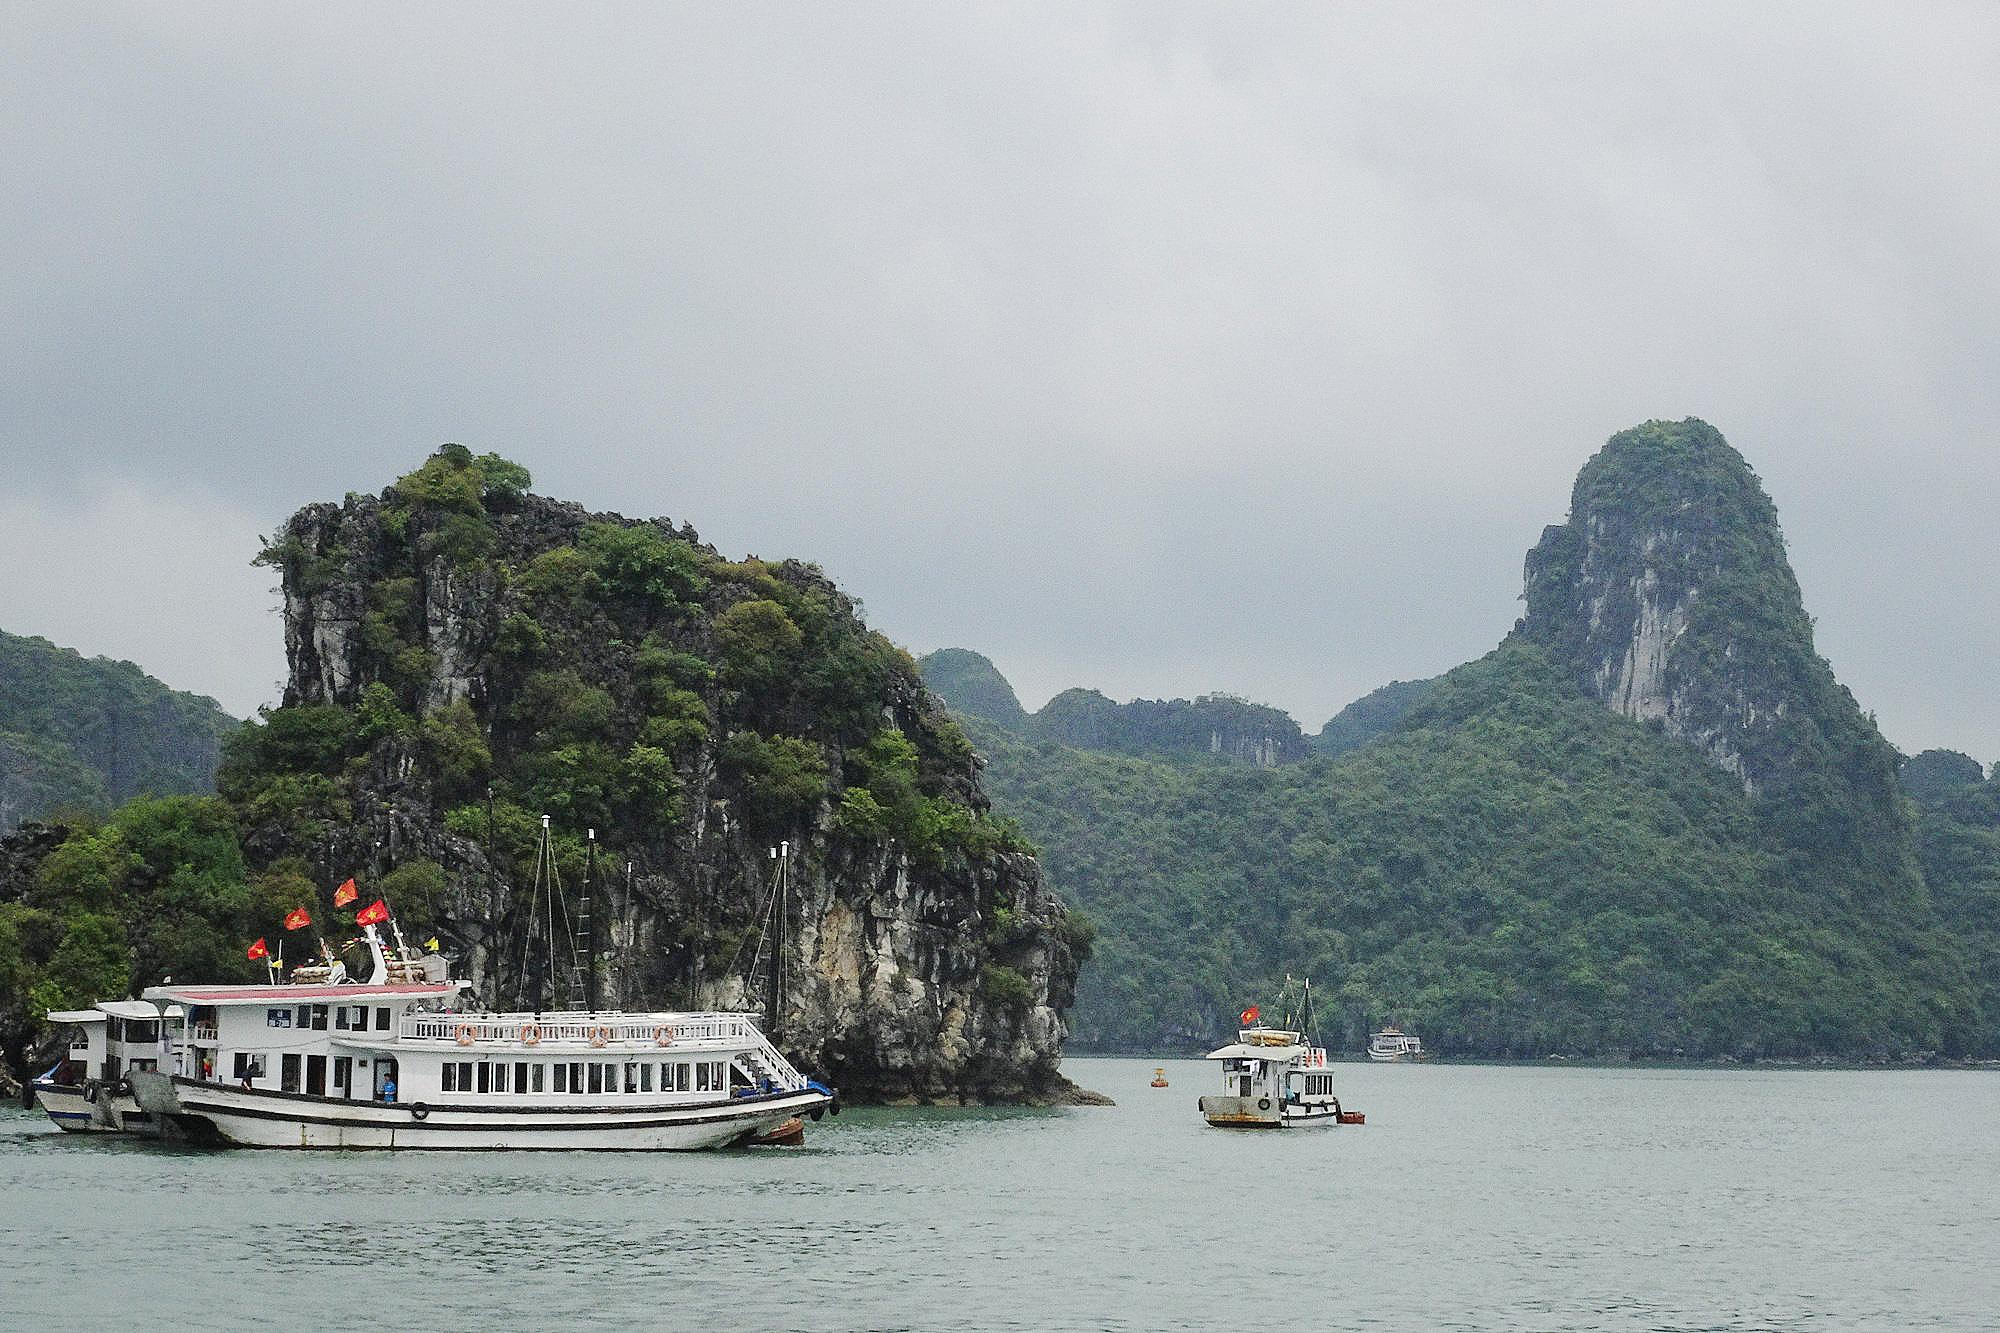 #南行记# 下龙湾的天堂岛